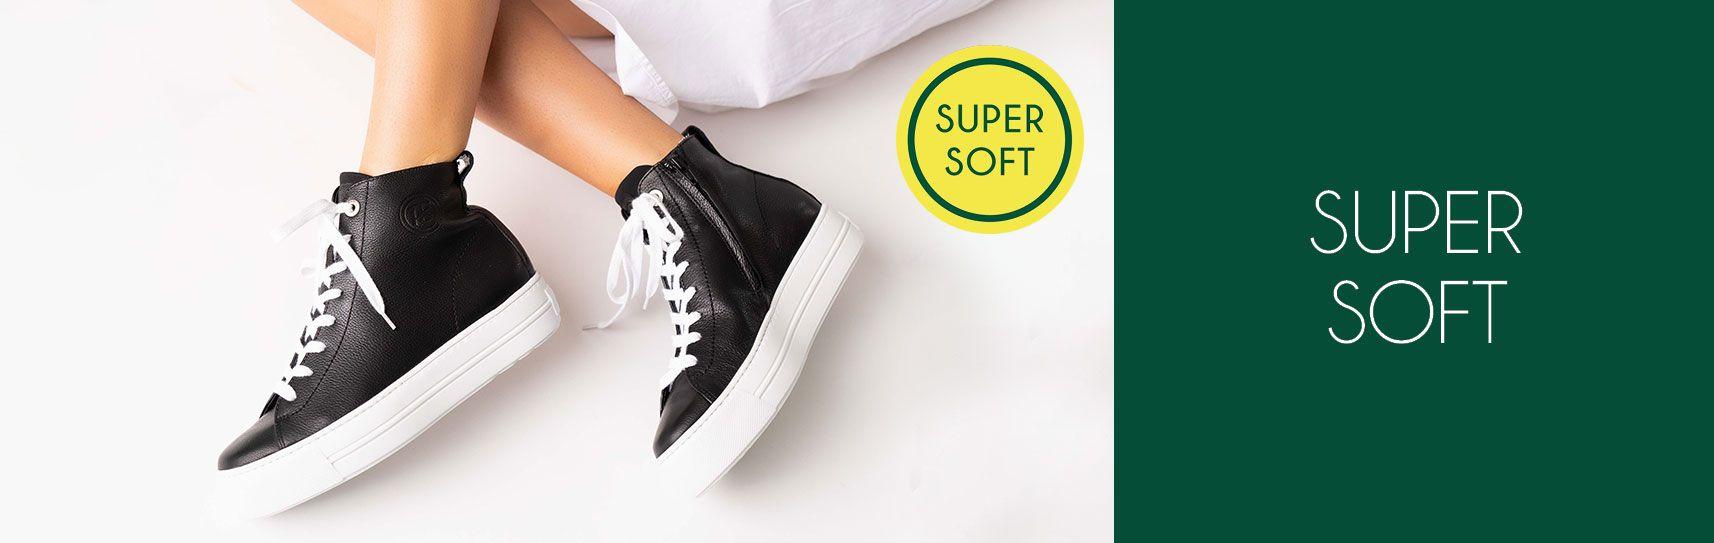 Soft Paul Green Super Shop Im Kaufen 92IeDYbEHW